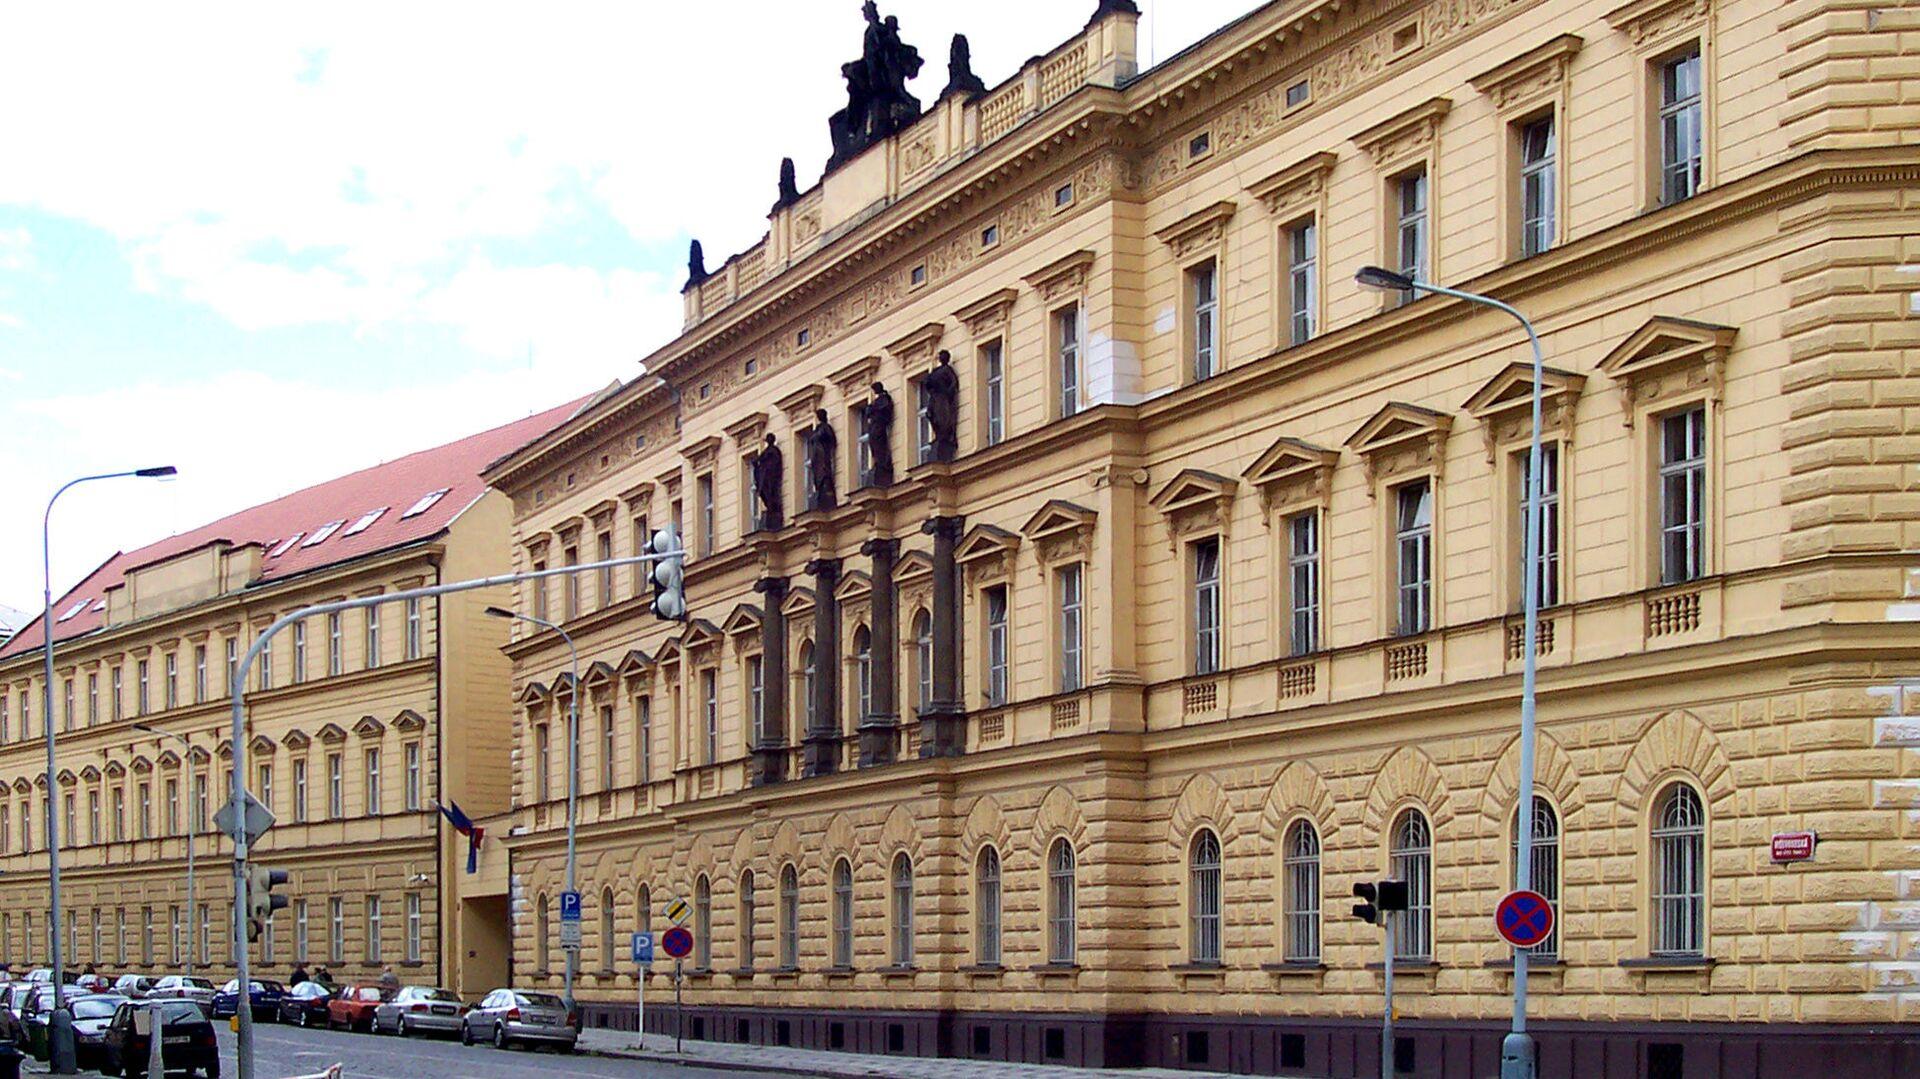 Sídlo Ministerstva spravedlnosti ČR v Praze  - Sputnik Česká republika, 1920, 15.09.2021